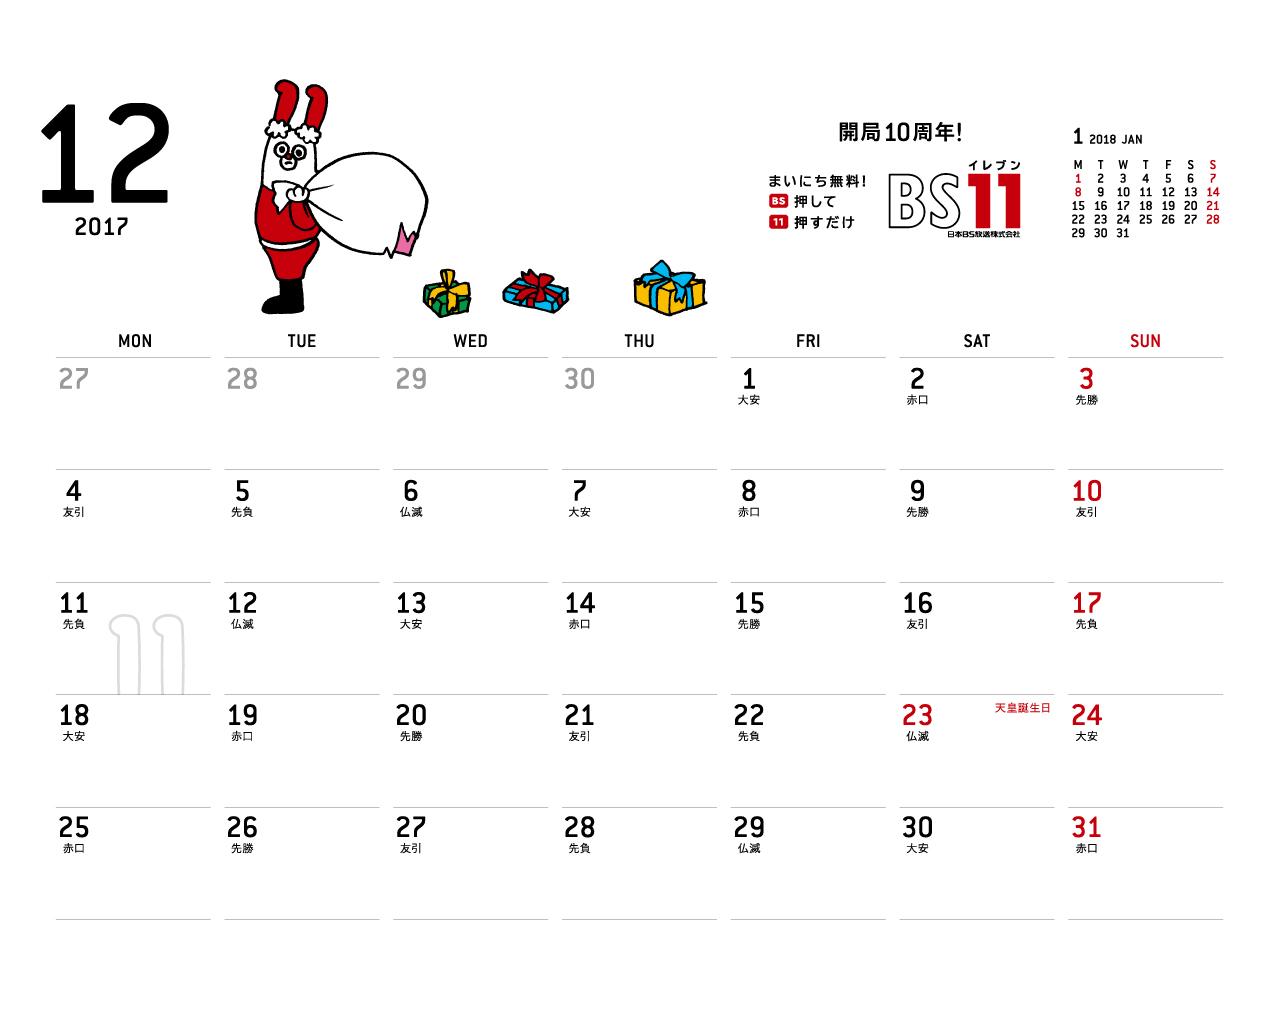 デジタルカレンダー 2017年12月